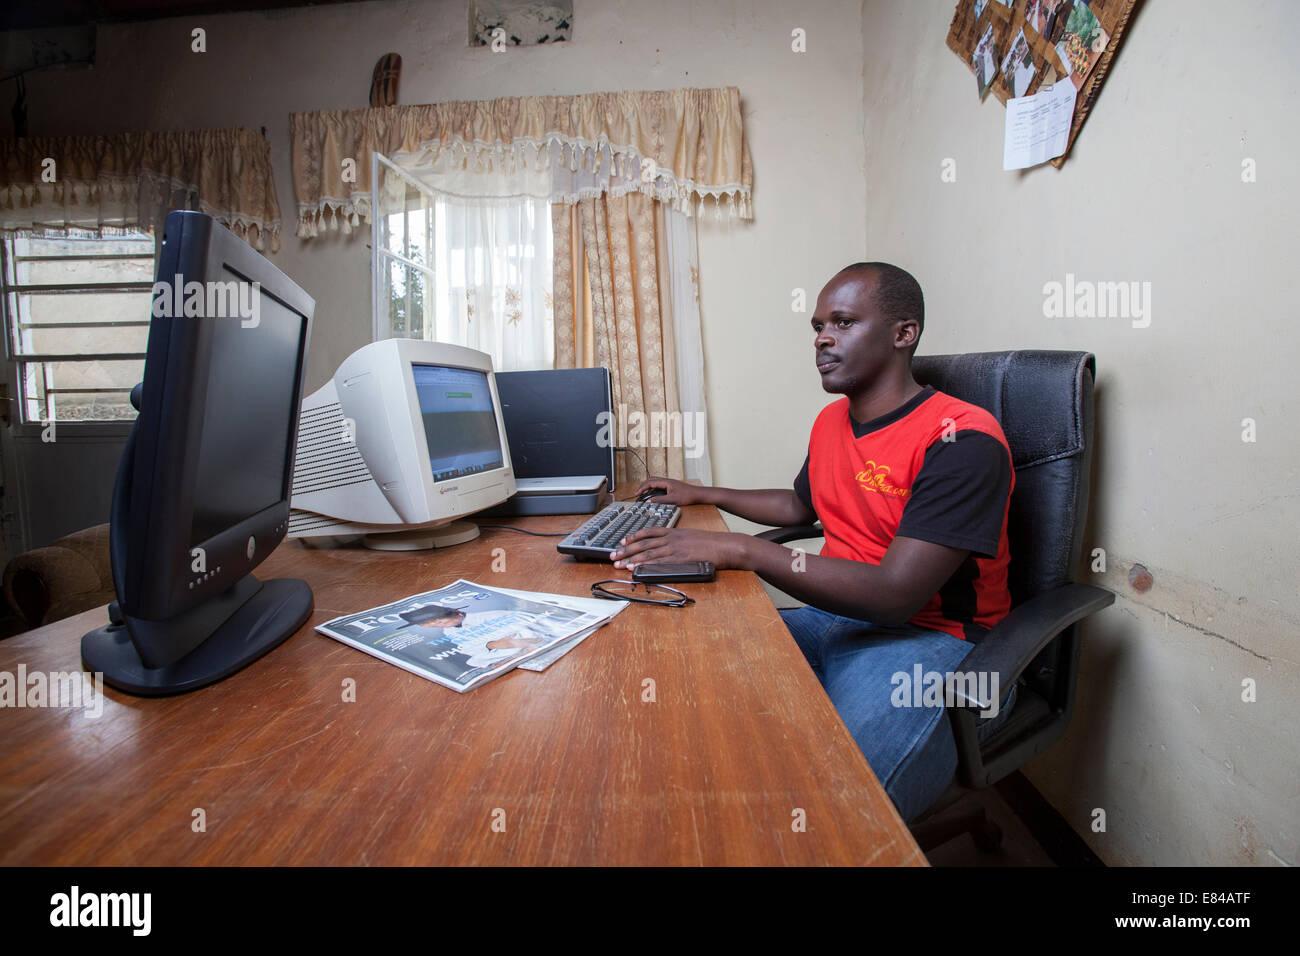 Sitio web de Rwanda administrador ejecutando un negocio en línea desde su hogar, oficina, Kigali, Ruanda Imagen De Stock